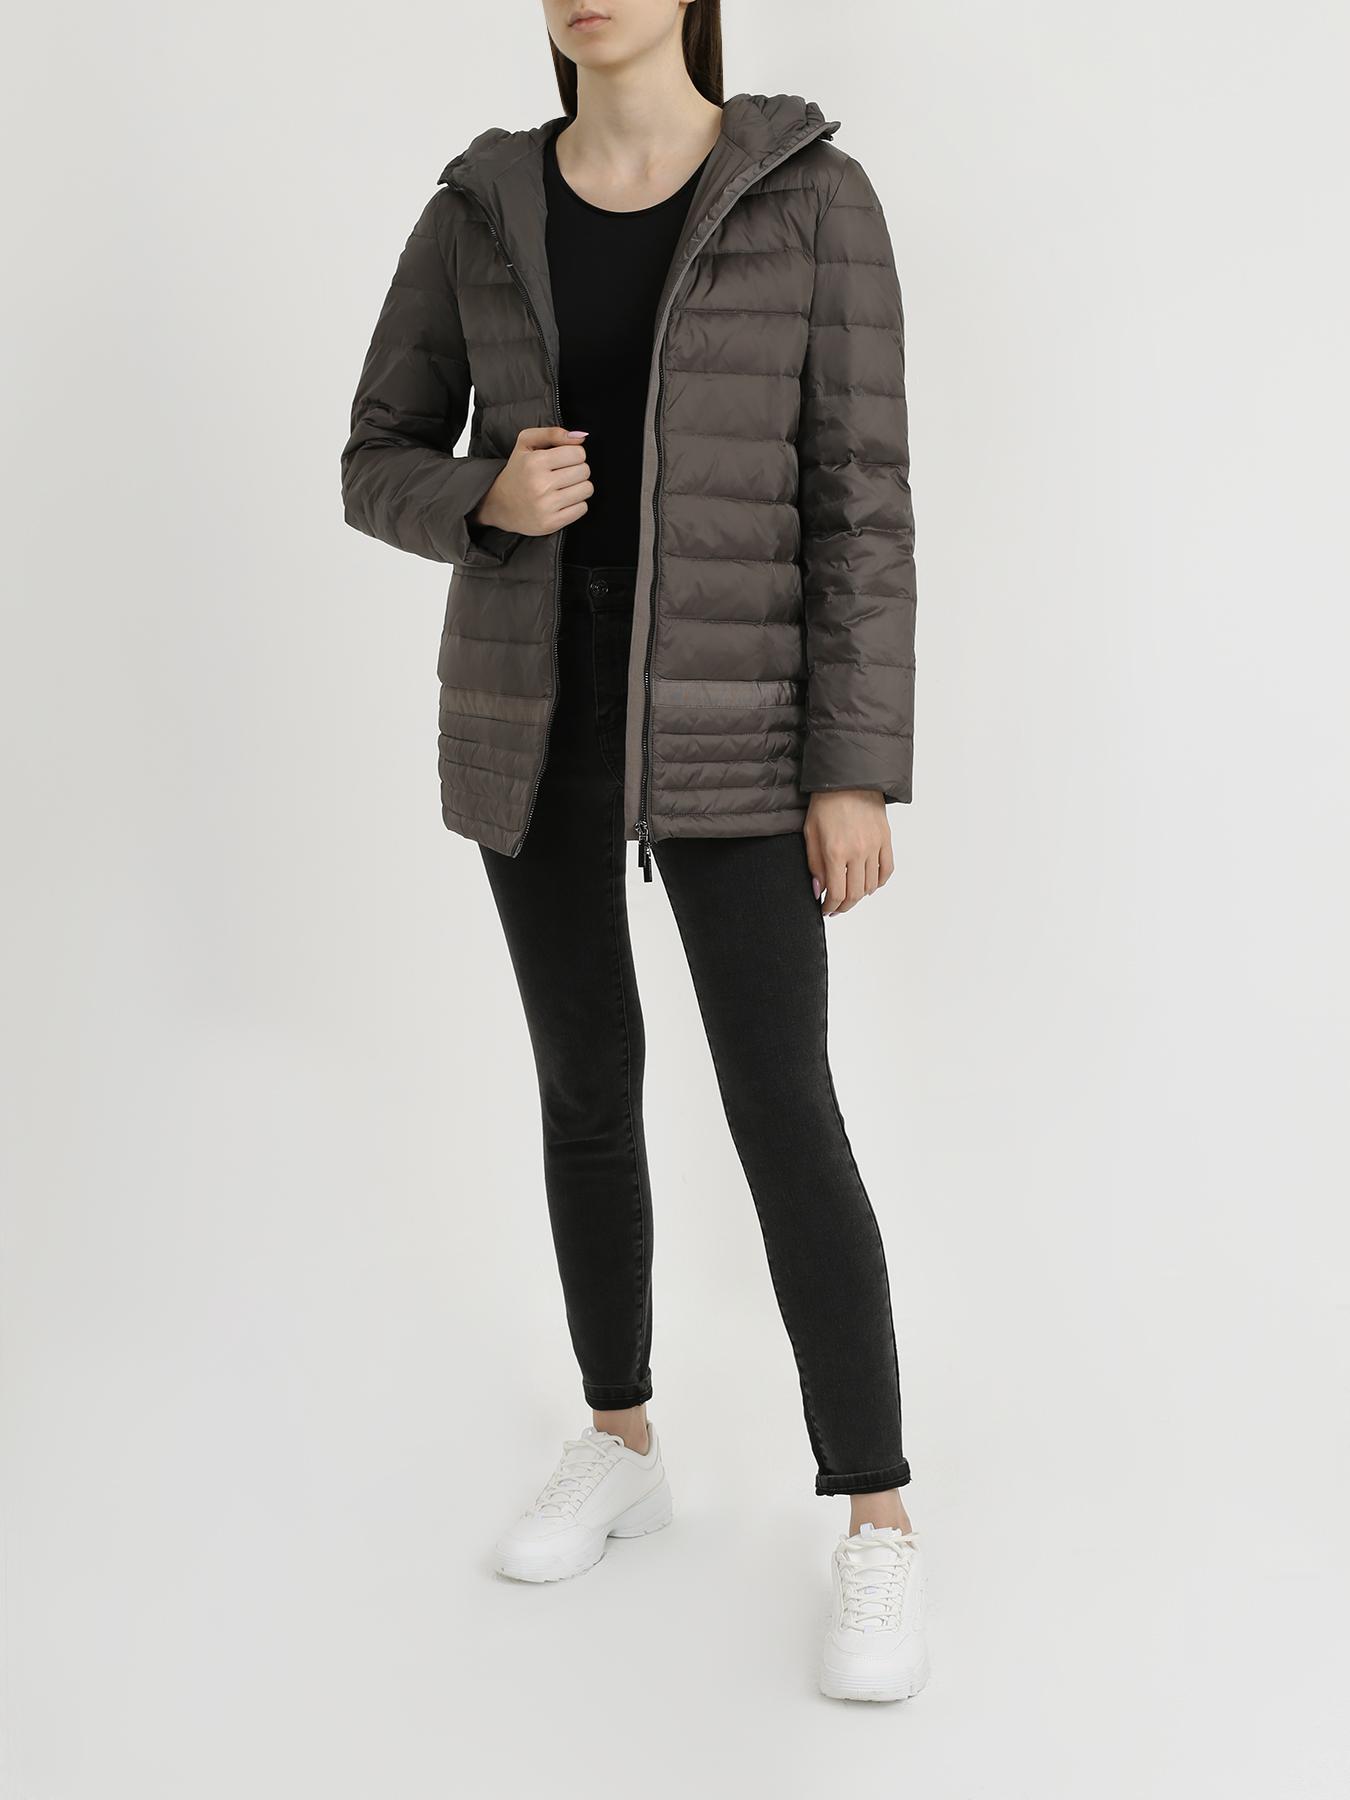 Alessandro Manzoni Женская куртка фото